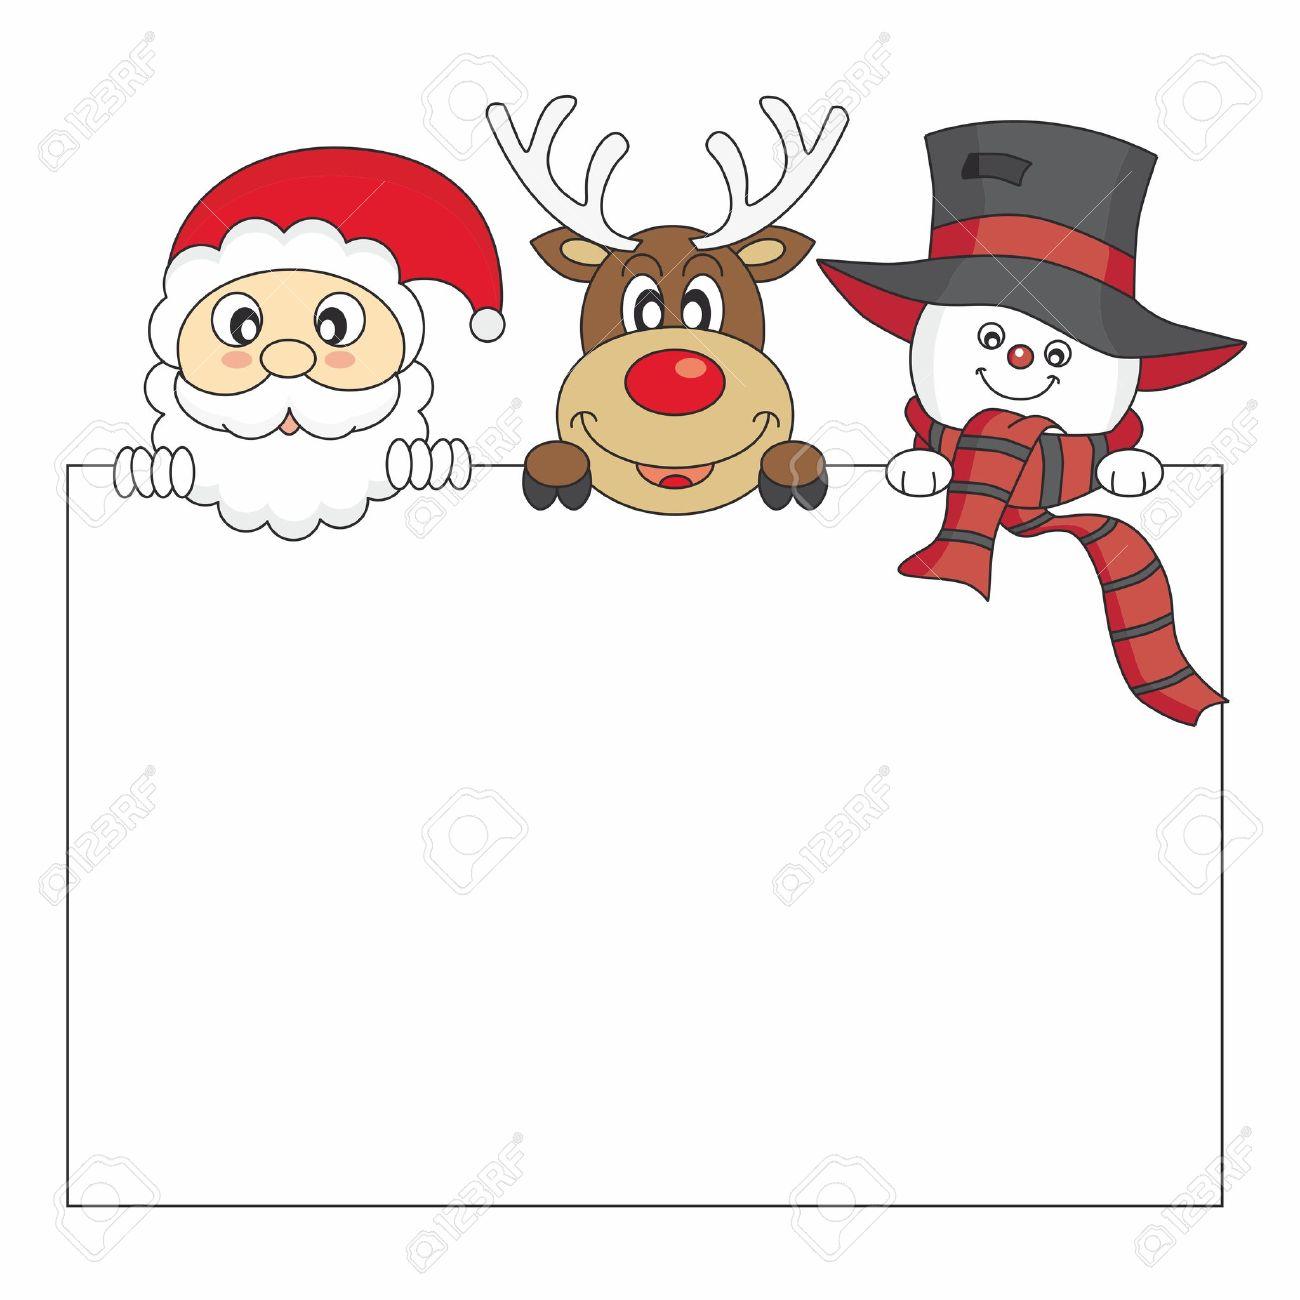 Bildergebnis für Weihnachtsmann Lustige Bilder